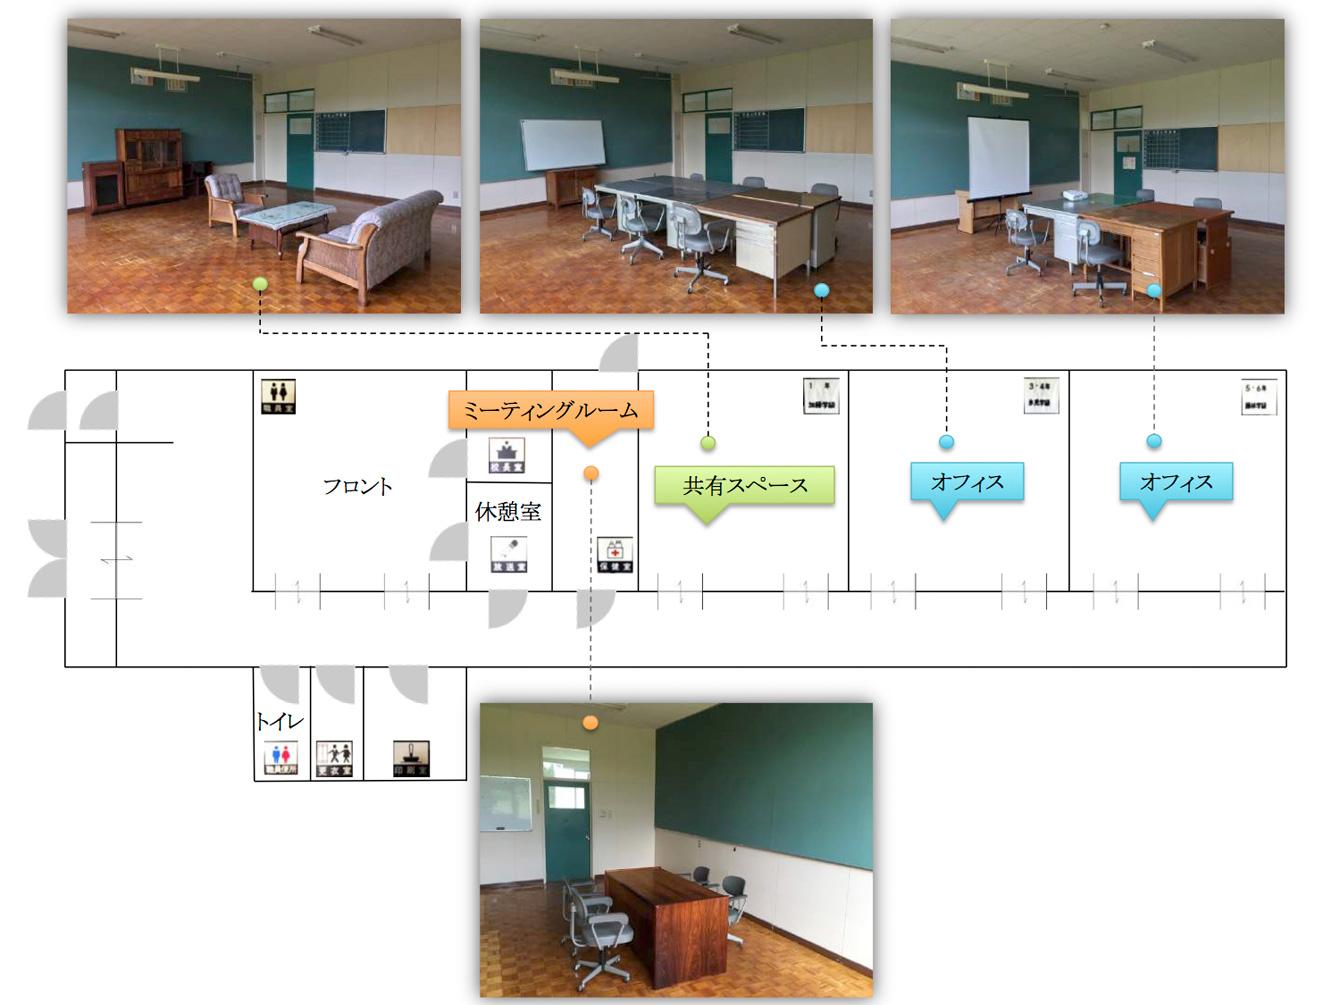 サテライトオフィス(旧常室小学校)室内案内図。